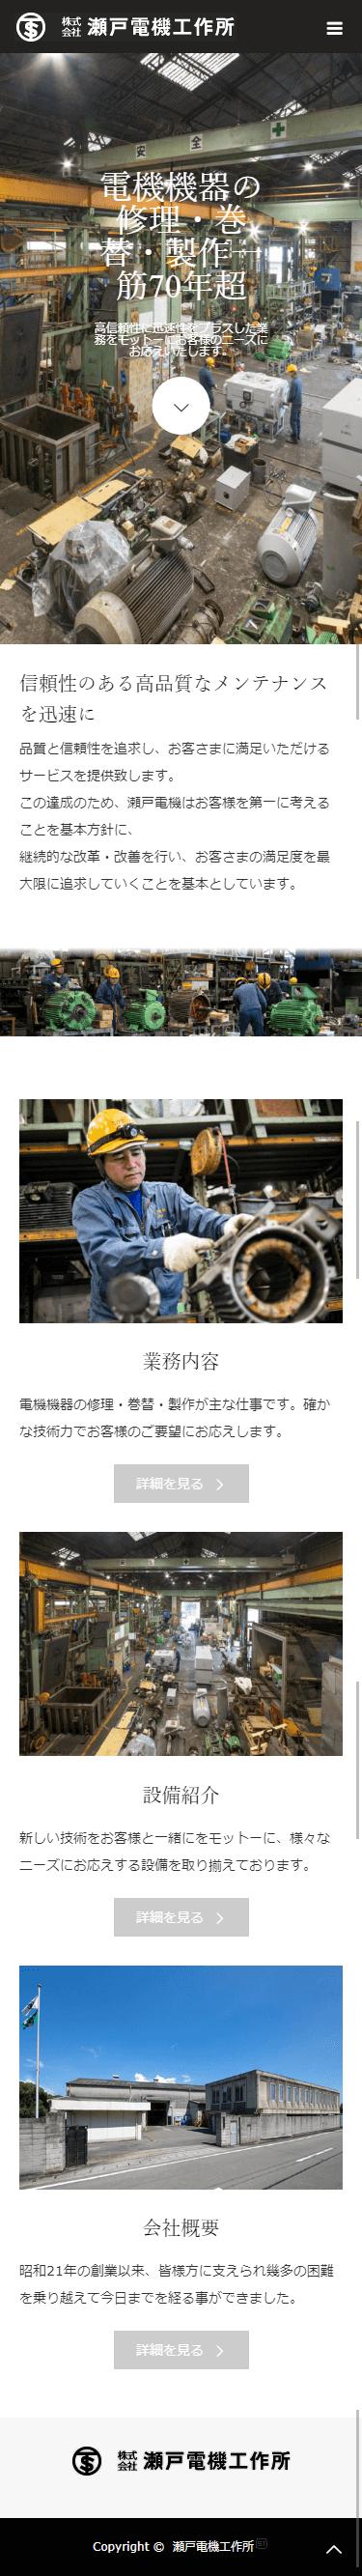 姫路市 株式会社瀬戸電機工作所様 ホームページ制作3